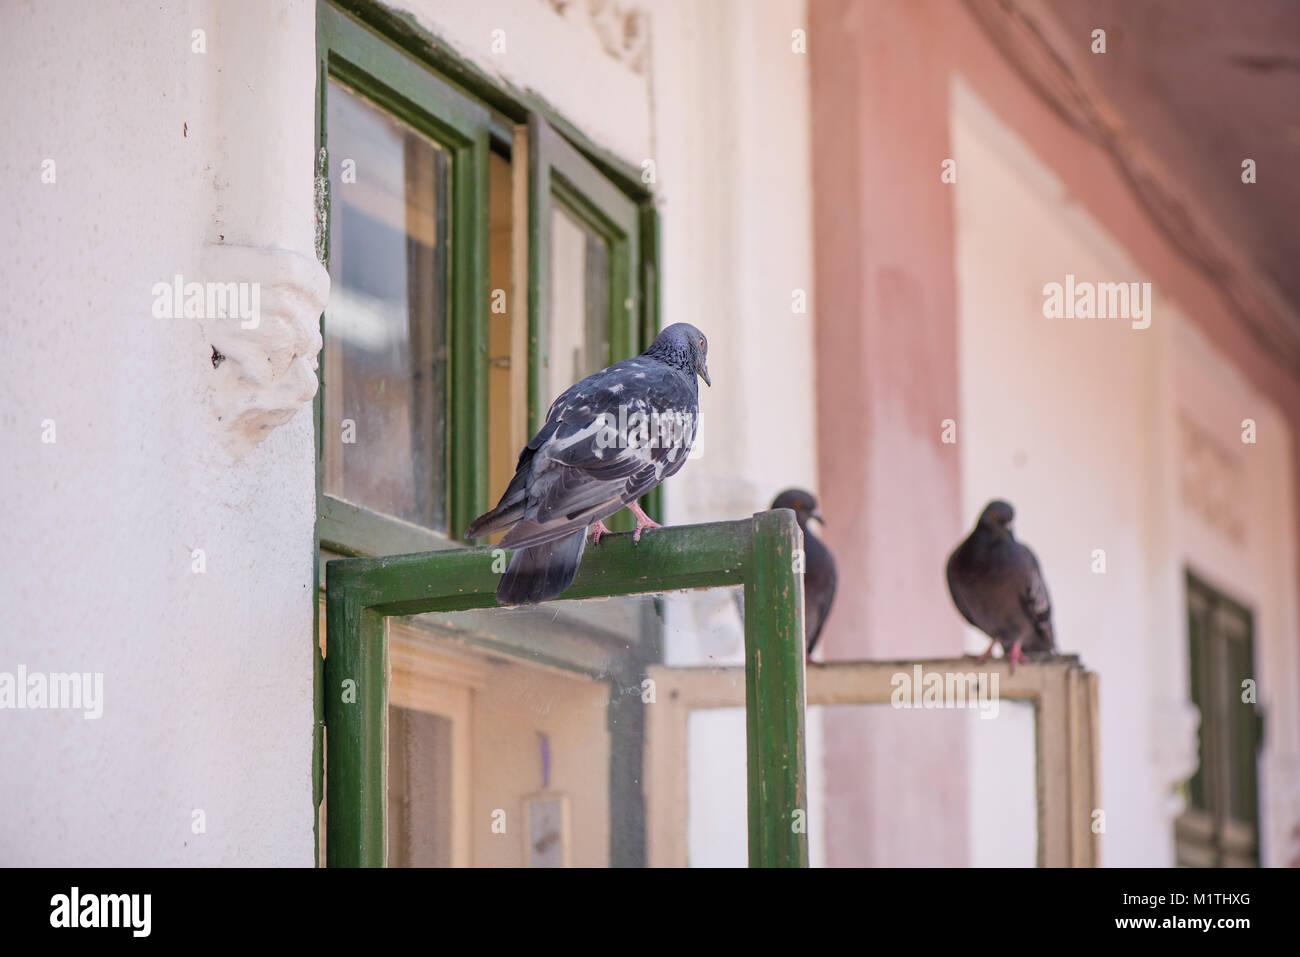 Fenster Essen tauben sitzen auf fenster warten auf das essen vögel in ein